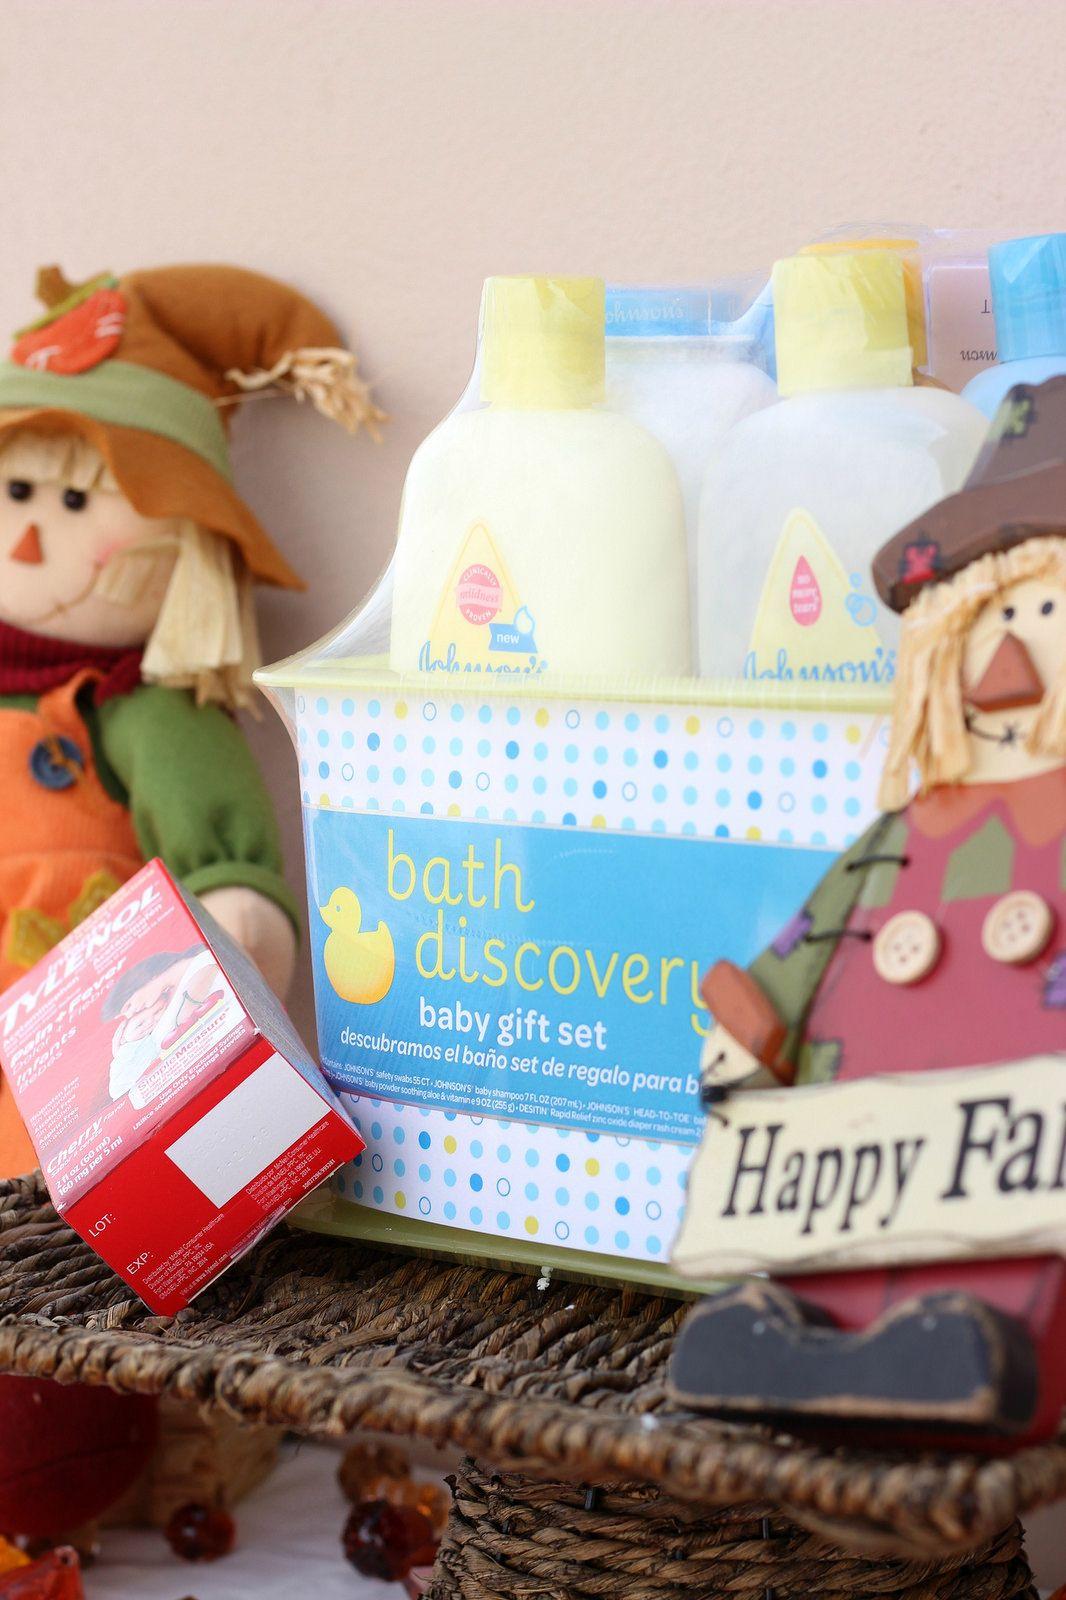 J&J Baby Registry at Target #RegisteringForBaby | Baby ...